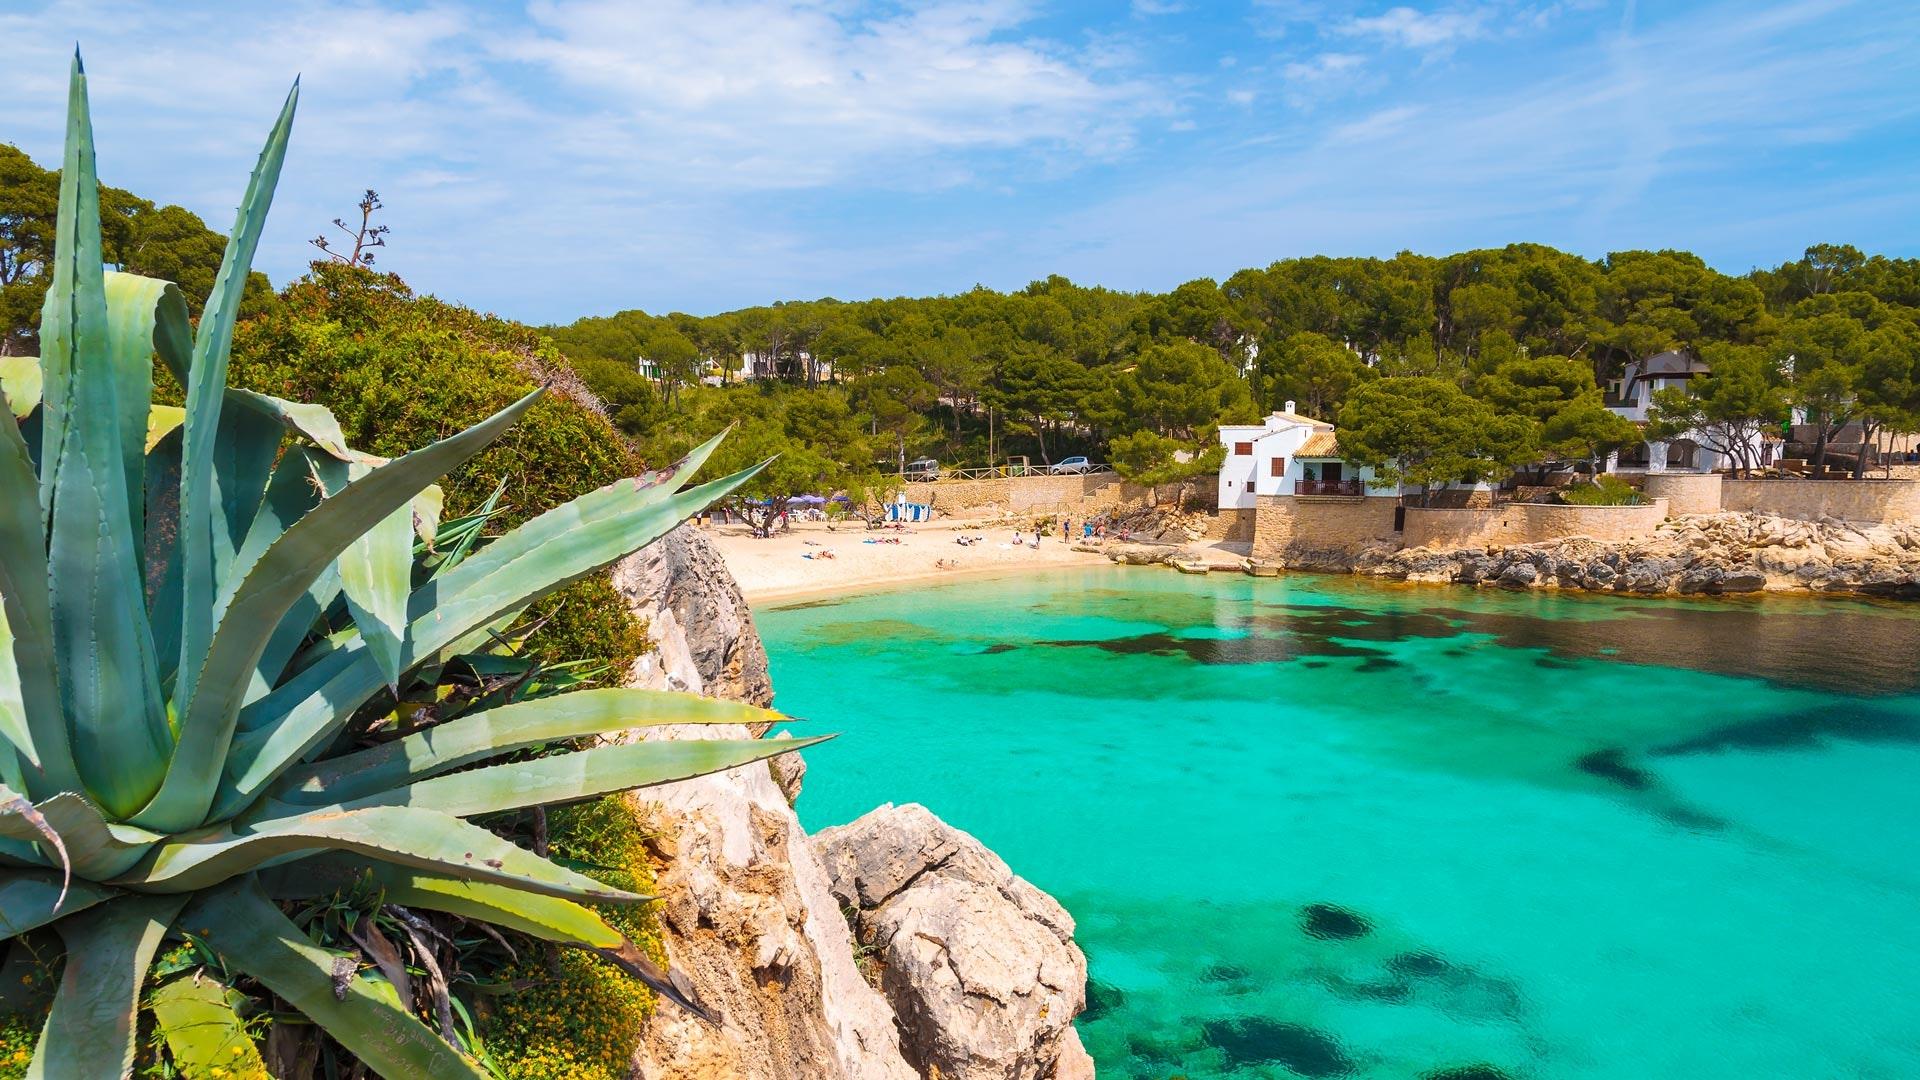 rejser spanien tilbud